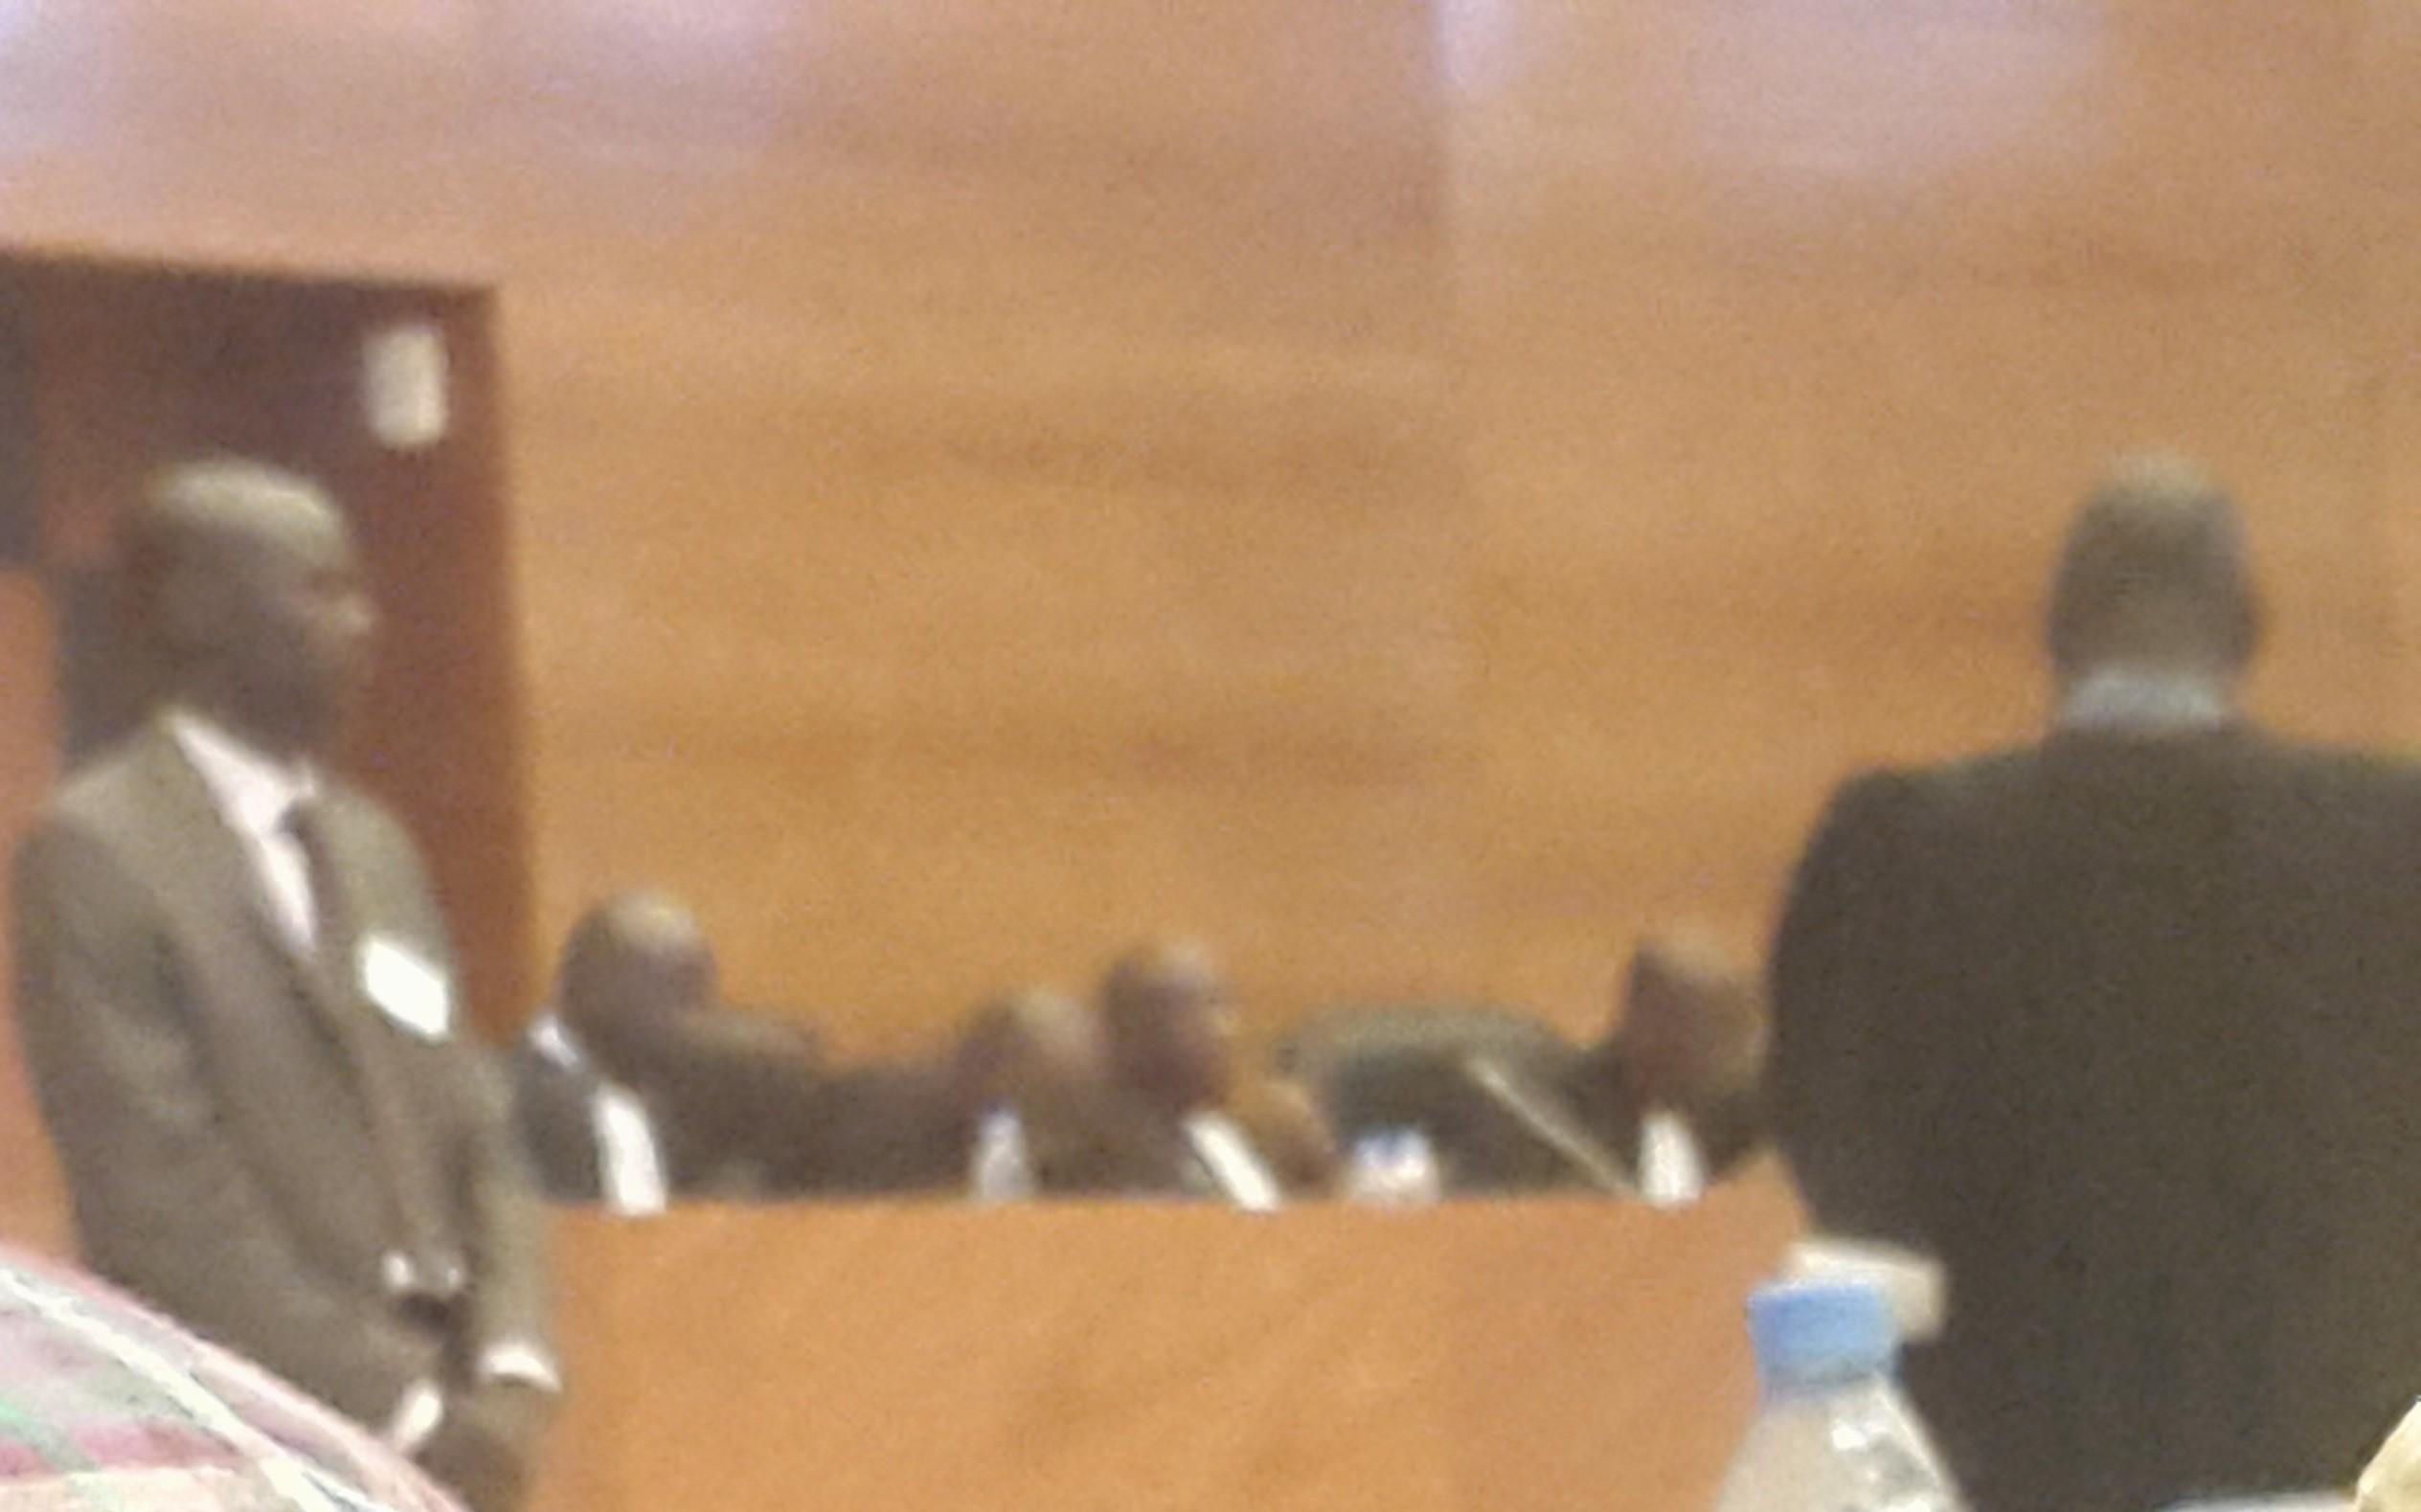 Le tribunal de la Cour de Répression de l'Enrichissement Illicite (CREI) présidée par Henri Grégoire Diop